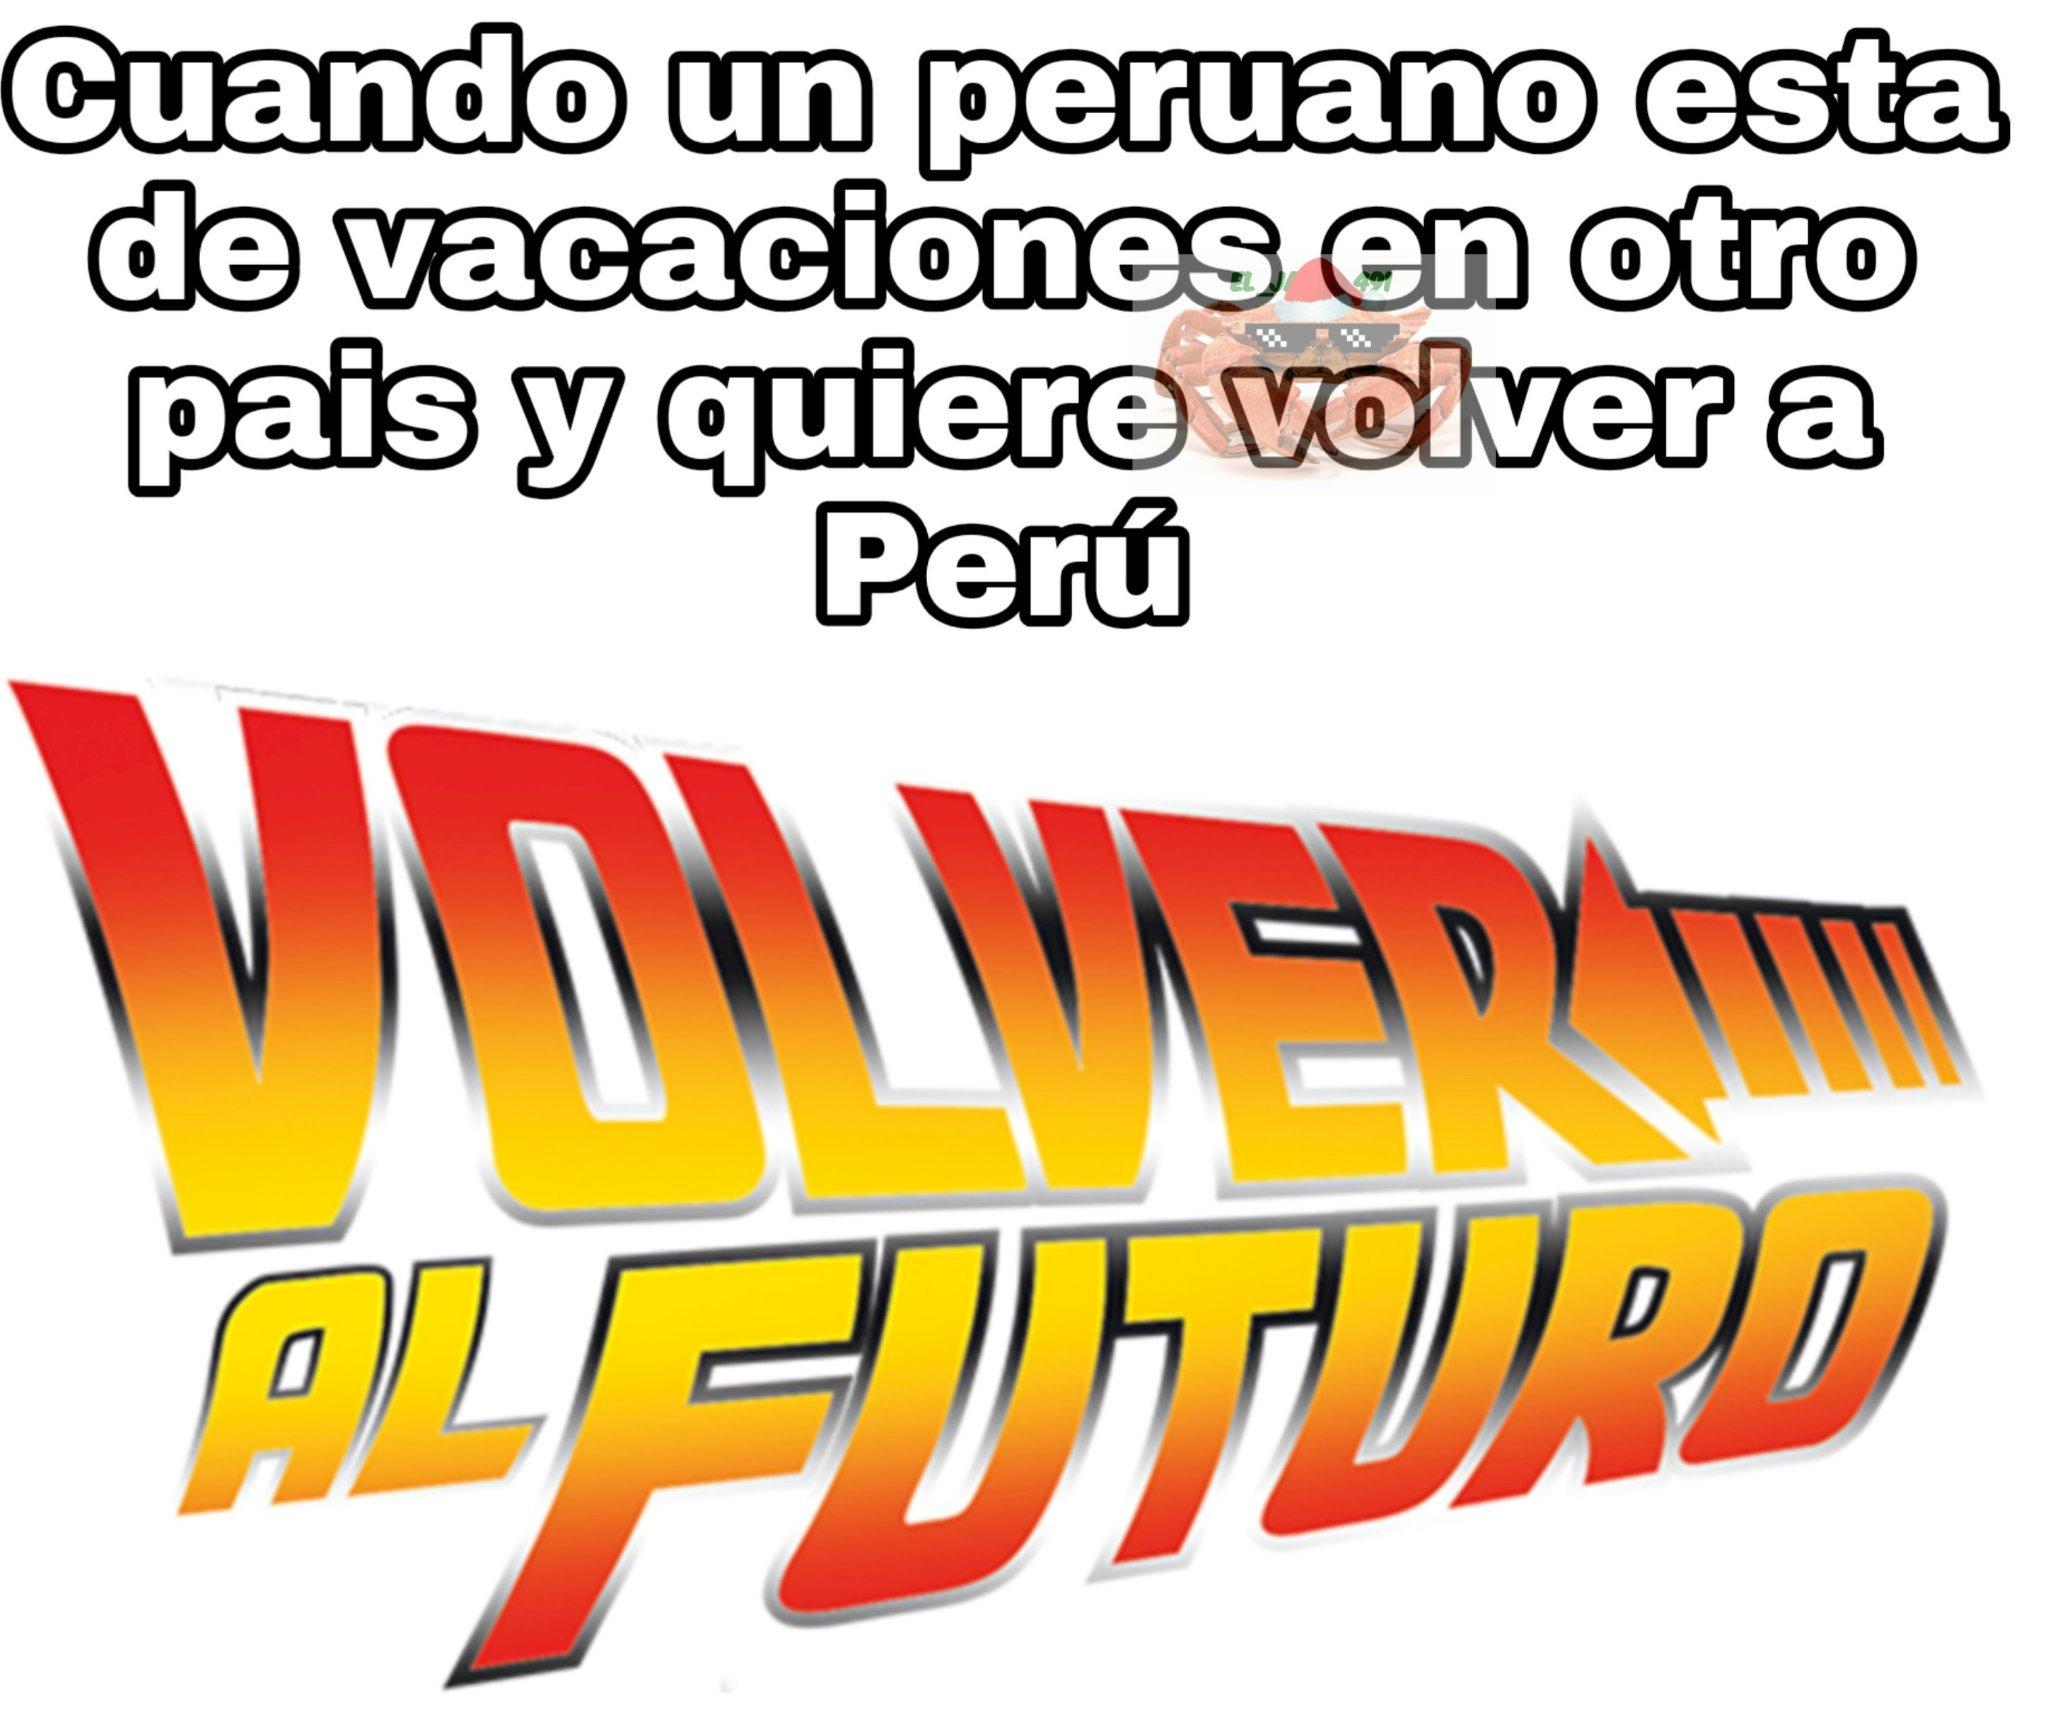 Raza superior del futuro - meme